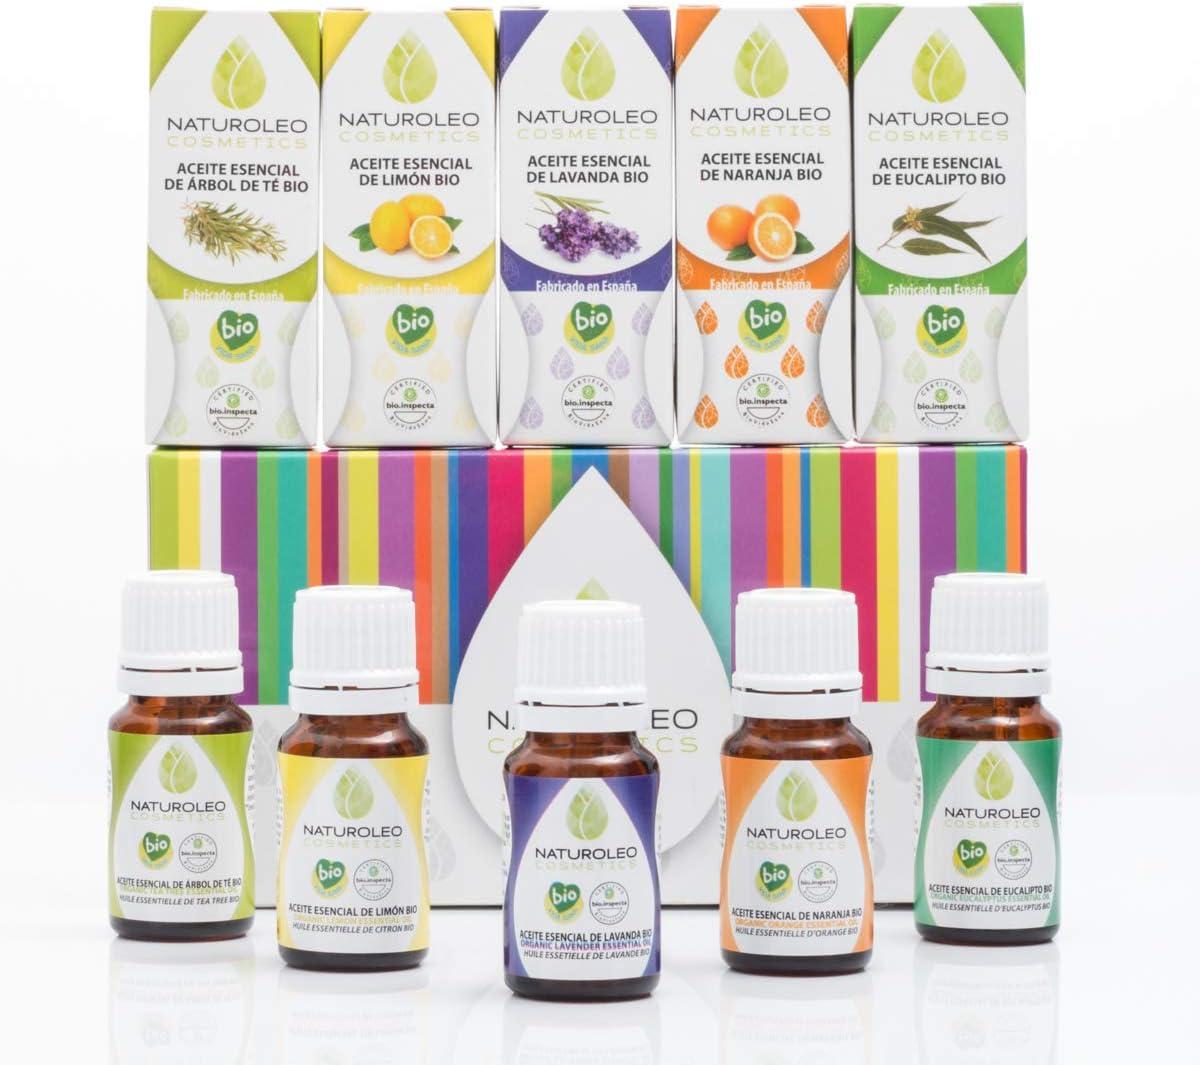 Naturoleo Cosmetics - Set Aromaterapia 5 Aceites Esenciales BIO 100% Puros y Naturales - 5 x 10 ml: Amazon.es: Belleza